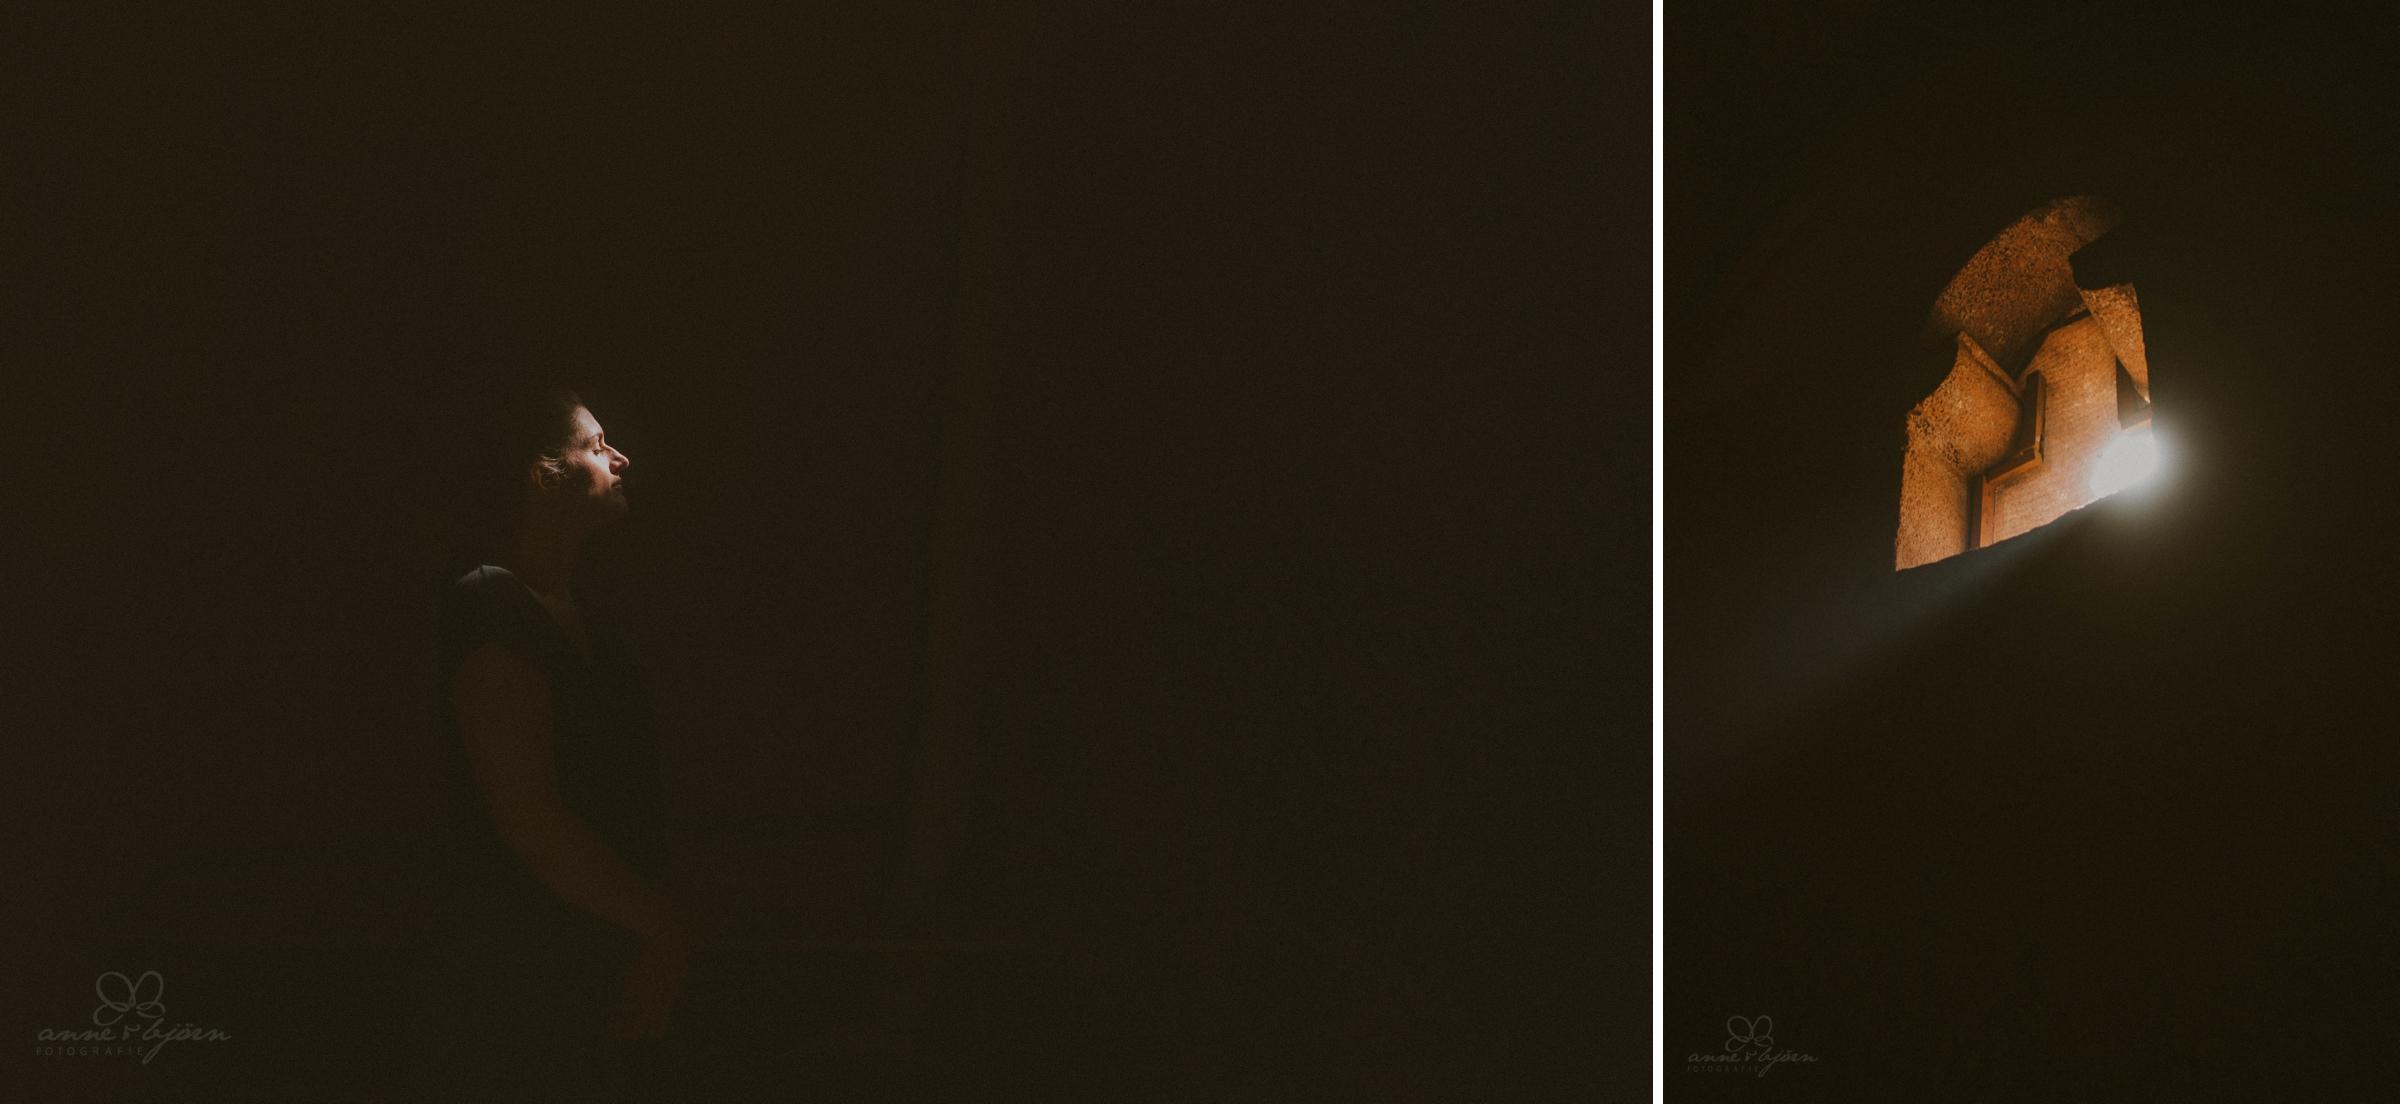 Collage, Nikon 35mm, Fenster, Gegenlicht, hartes Licht